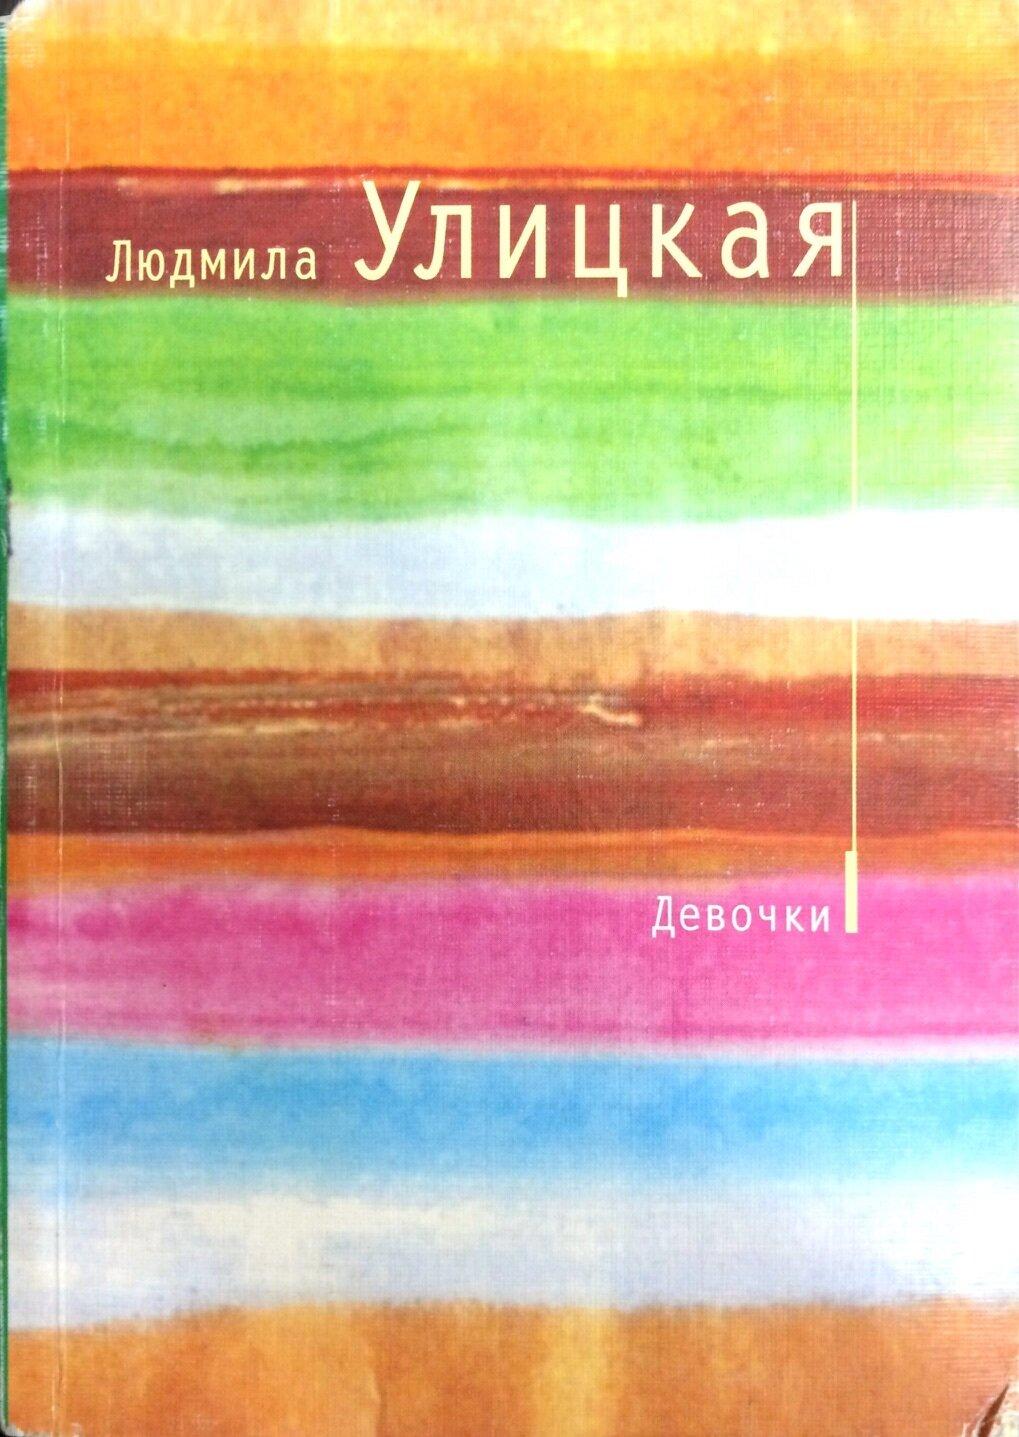 Девочки; Людмила Улицкая